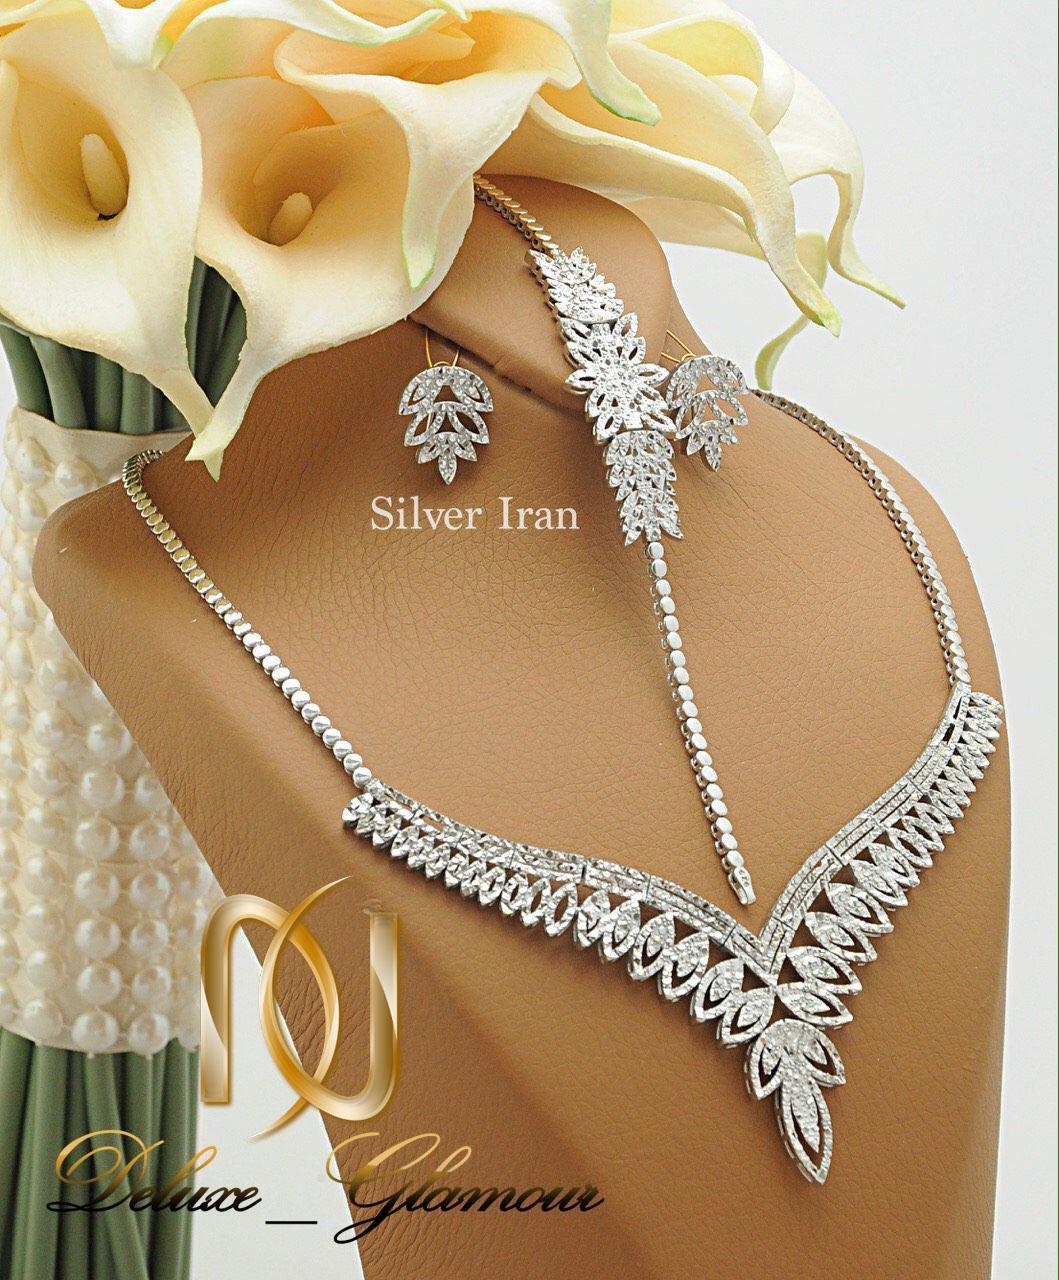 سرویس عروس نقره تراش طرح خوشه Ns-n226 - عکس اصلی